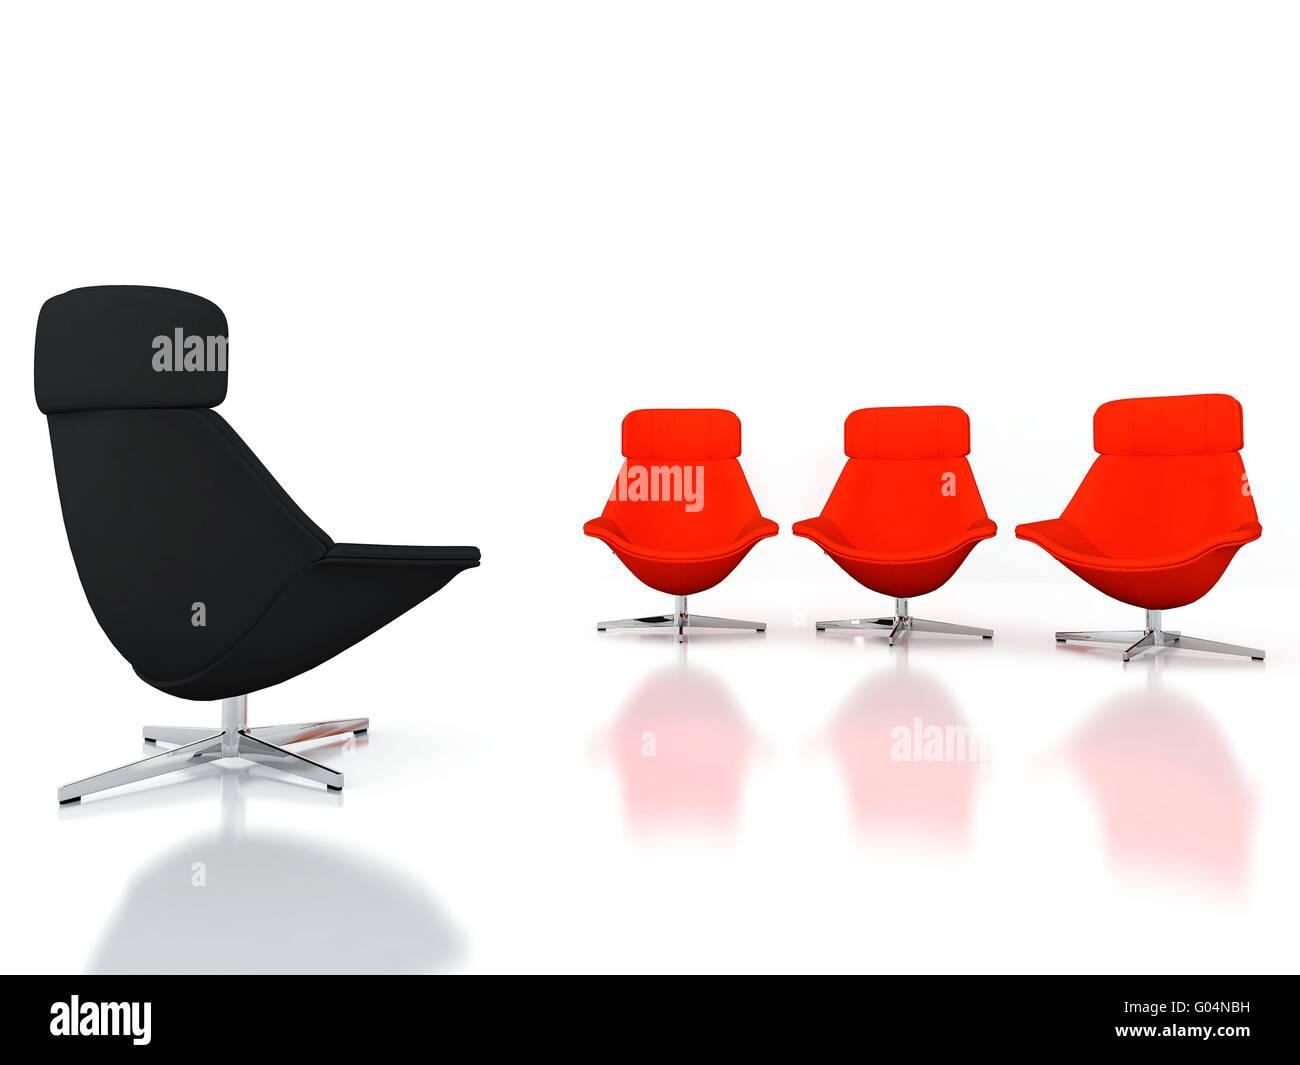 Schwarze Und Rote Moderne Stuhle Auf Weissem Hintergrund Stockfotografie Alamy